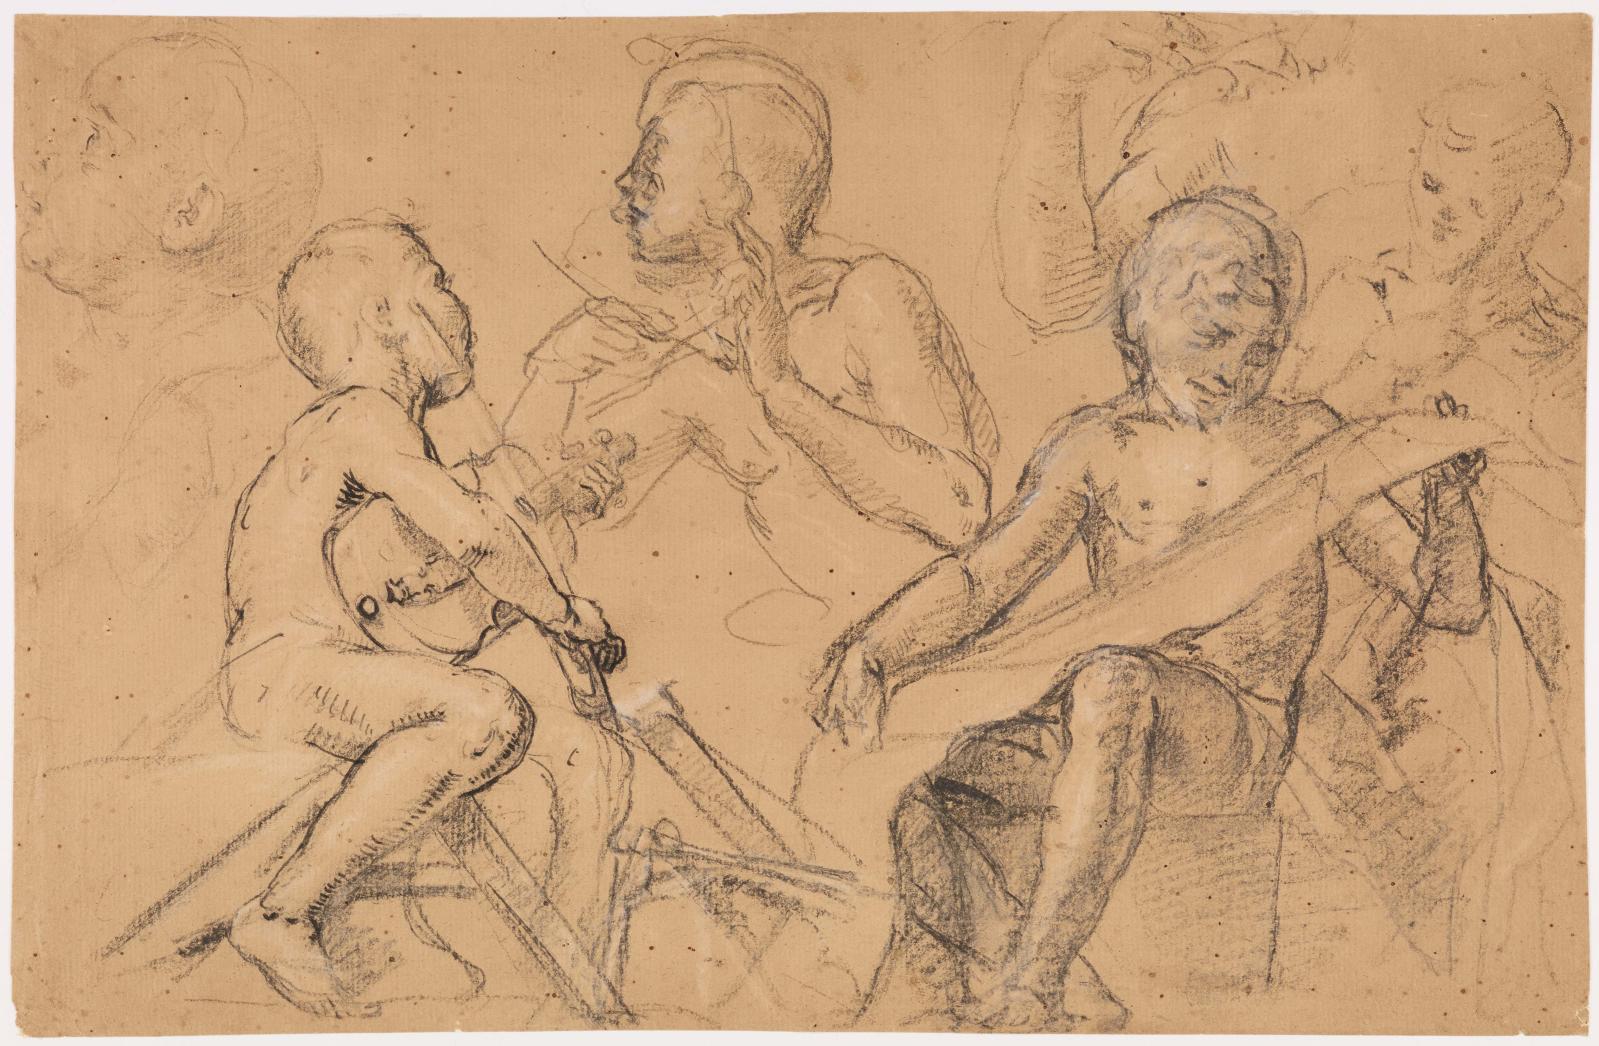 Pietro Candido(vers 1548-1628), Esquisses de garçons jouant d'instruments de musique, pierre noire et fusain, plume et encre noire, rehauts de blanc,